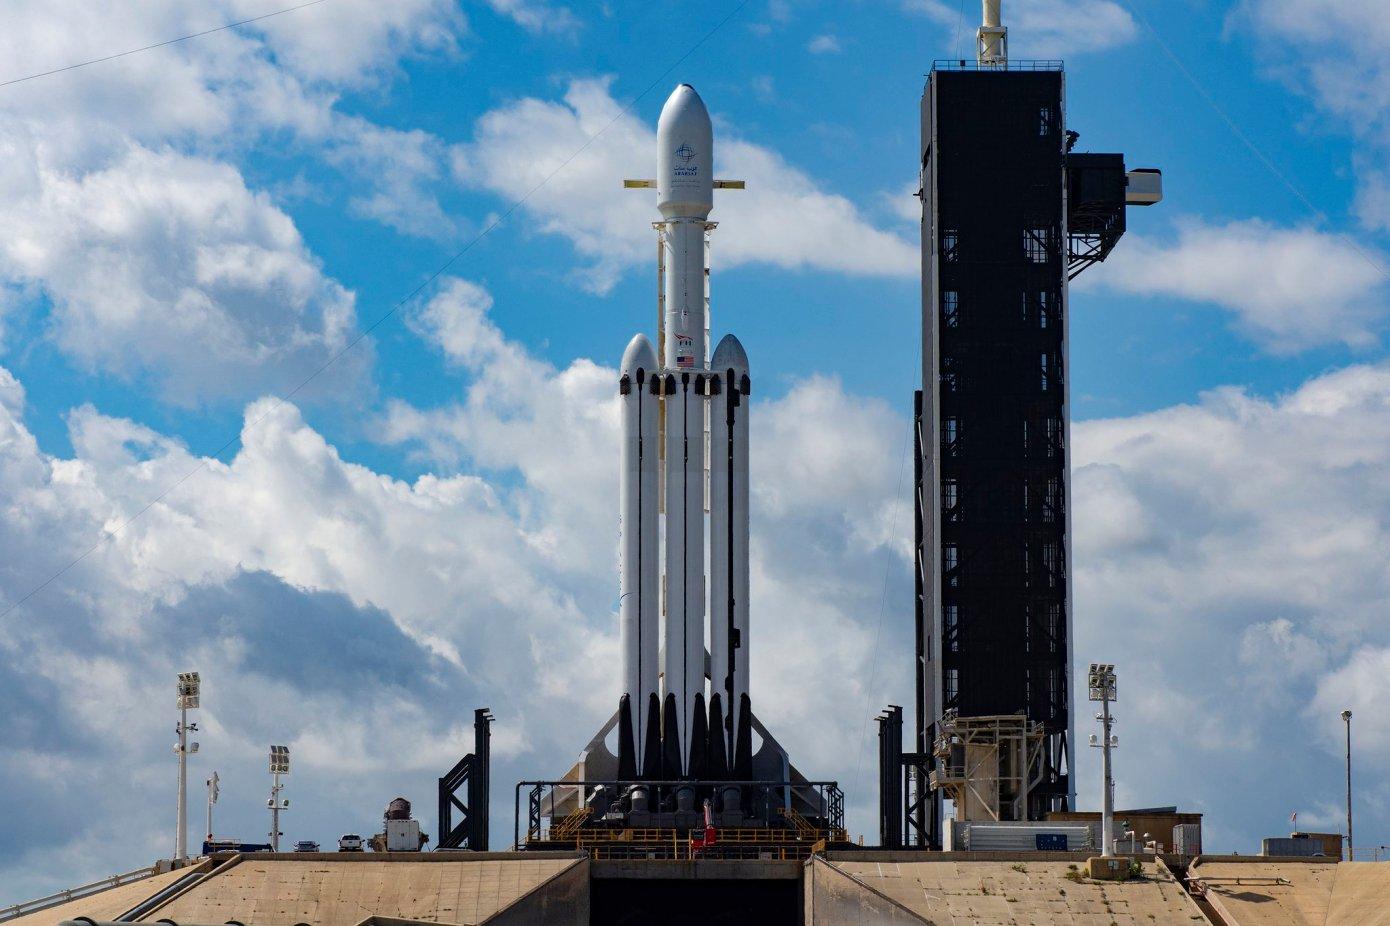 SpaceX猎鹰重型火箭将执行月球任务:2023年发射